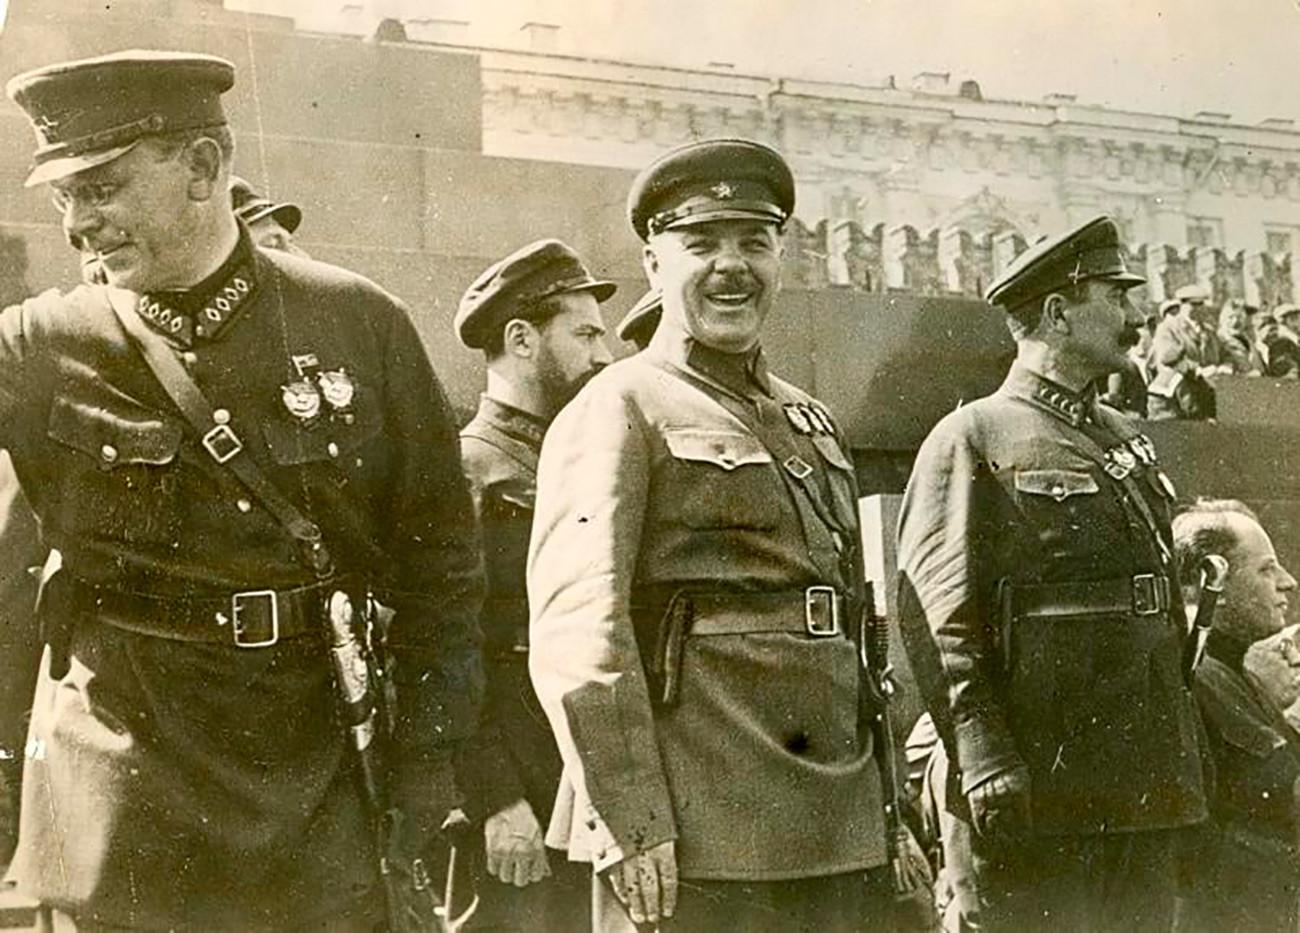 Comandantes del Ejército Rojo: August Cork, Jan Gamarnik, Clement Voroshílov, Semión Budyonny al lado del Mausoleo de Lenin